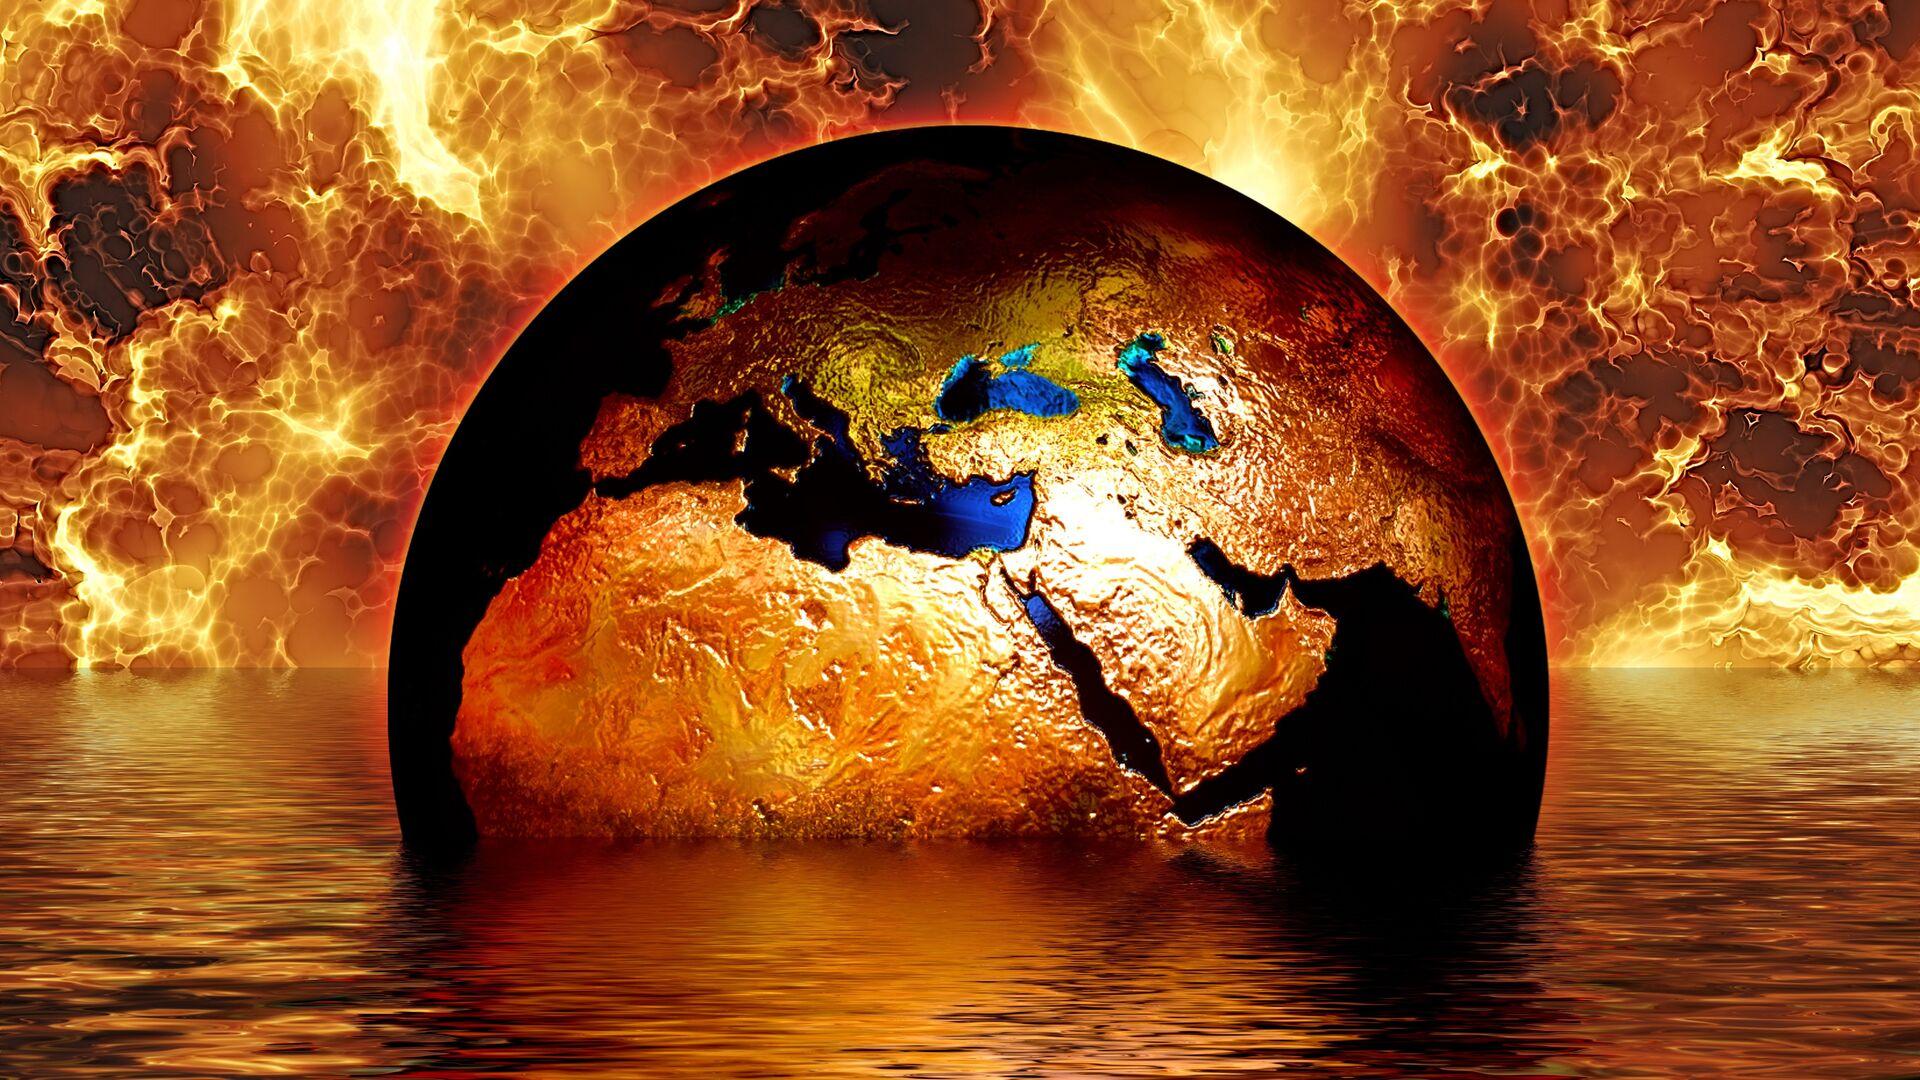 Cambio climático, imagen referencial - Sputnik Mundo, 1920, 22.04.2021